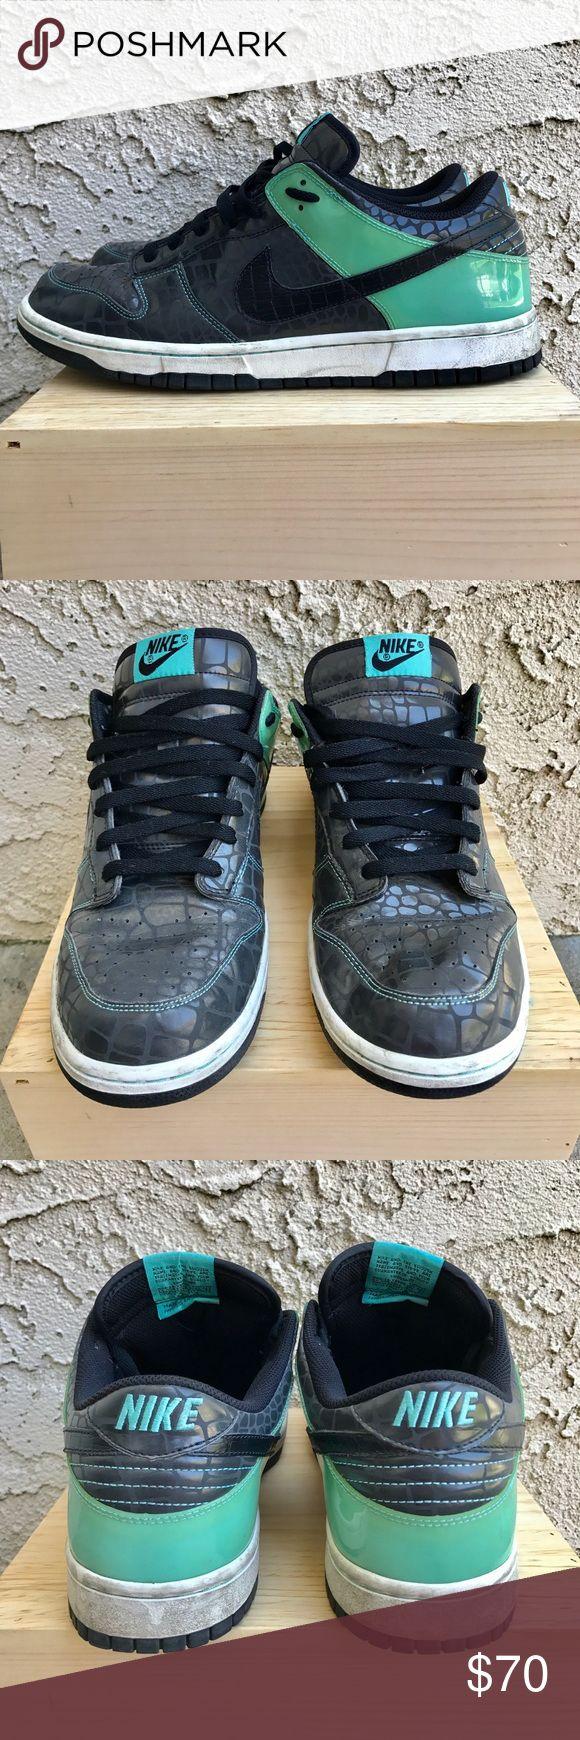 """Nike Dunk Untiffany Size 11 Size 11 Nike Dunk """"Untiffany"""" Nike Shoes"""